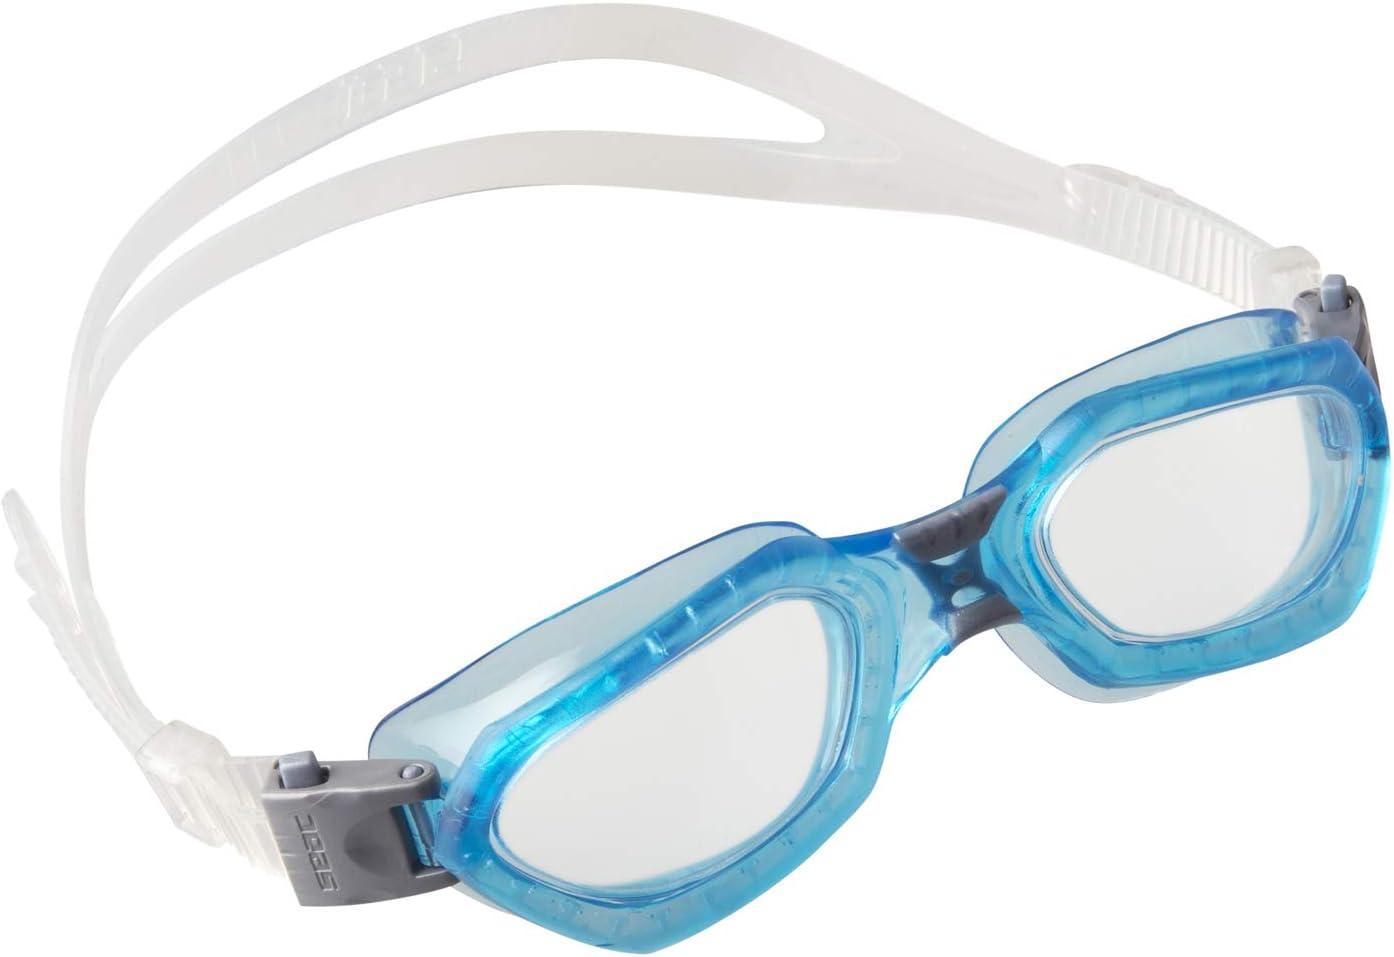 Nero//Bianco SEAC Sonic Taglia Unica Occhialini a Mascherina da Nuoto in Piscina e in Mare Unisex Adulto